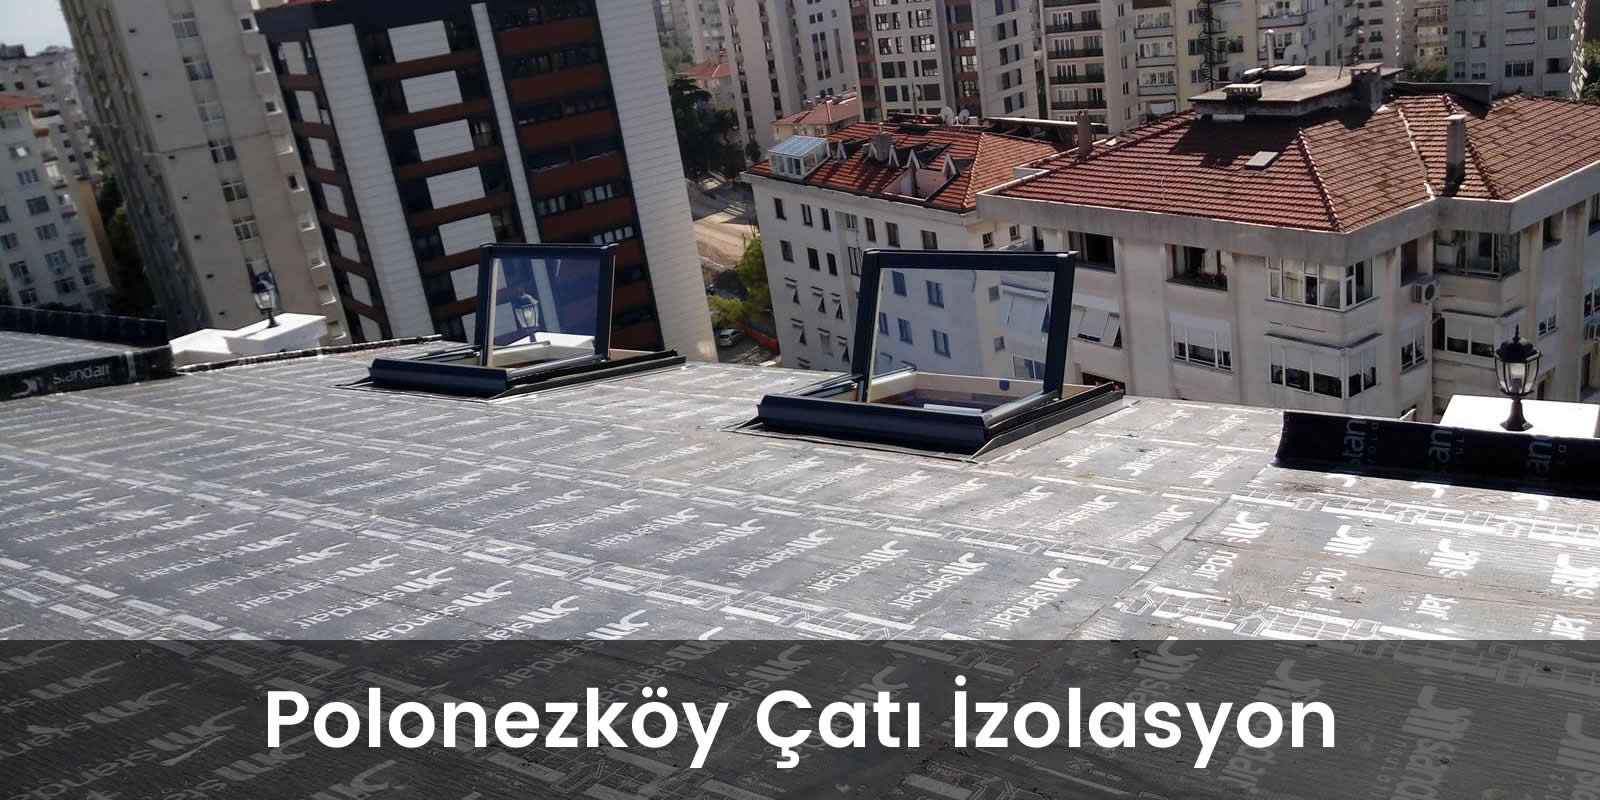 polonozköy çatı izolasyon